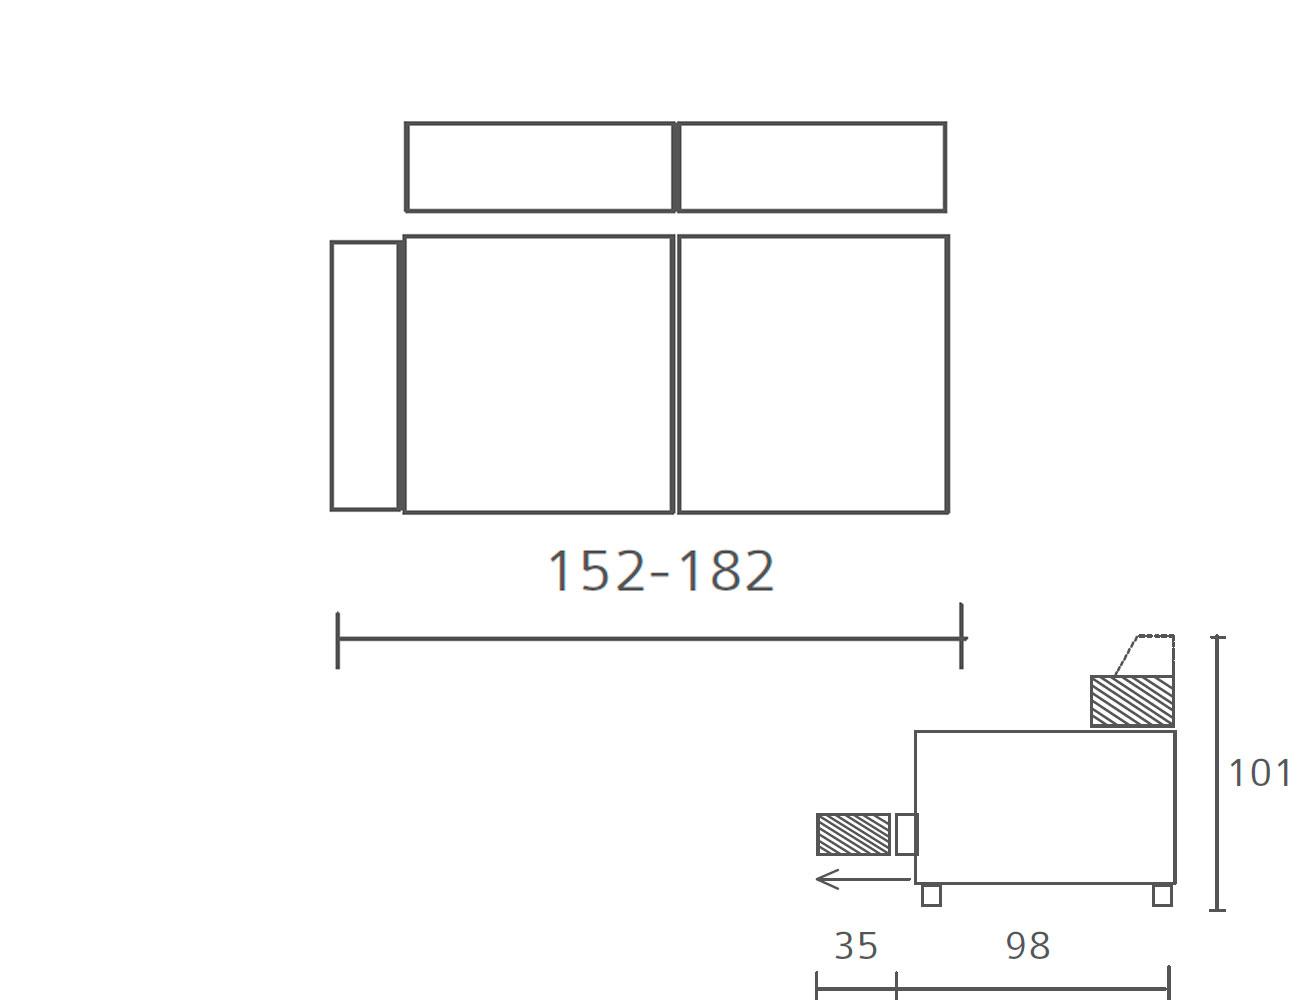 Modulo con 1 brazo 152 1823